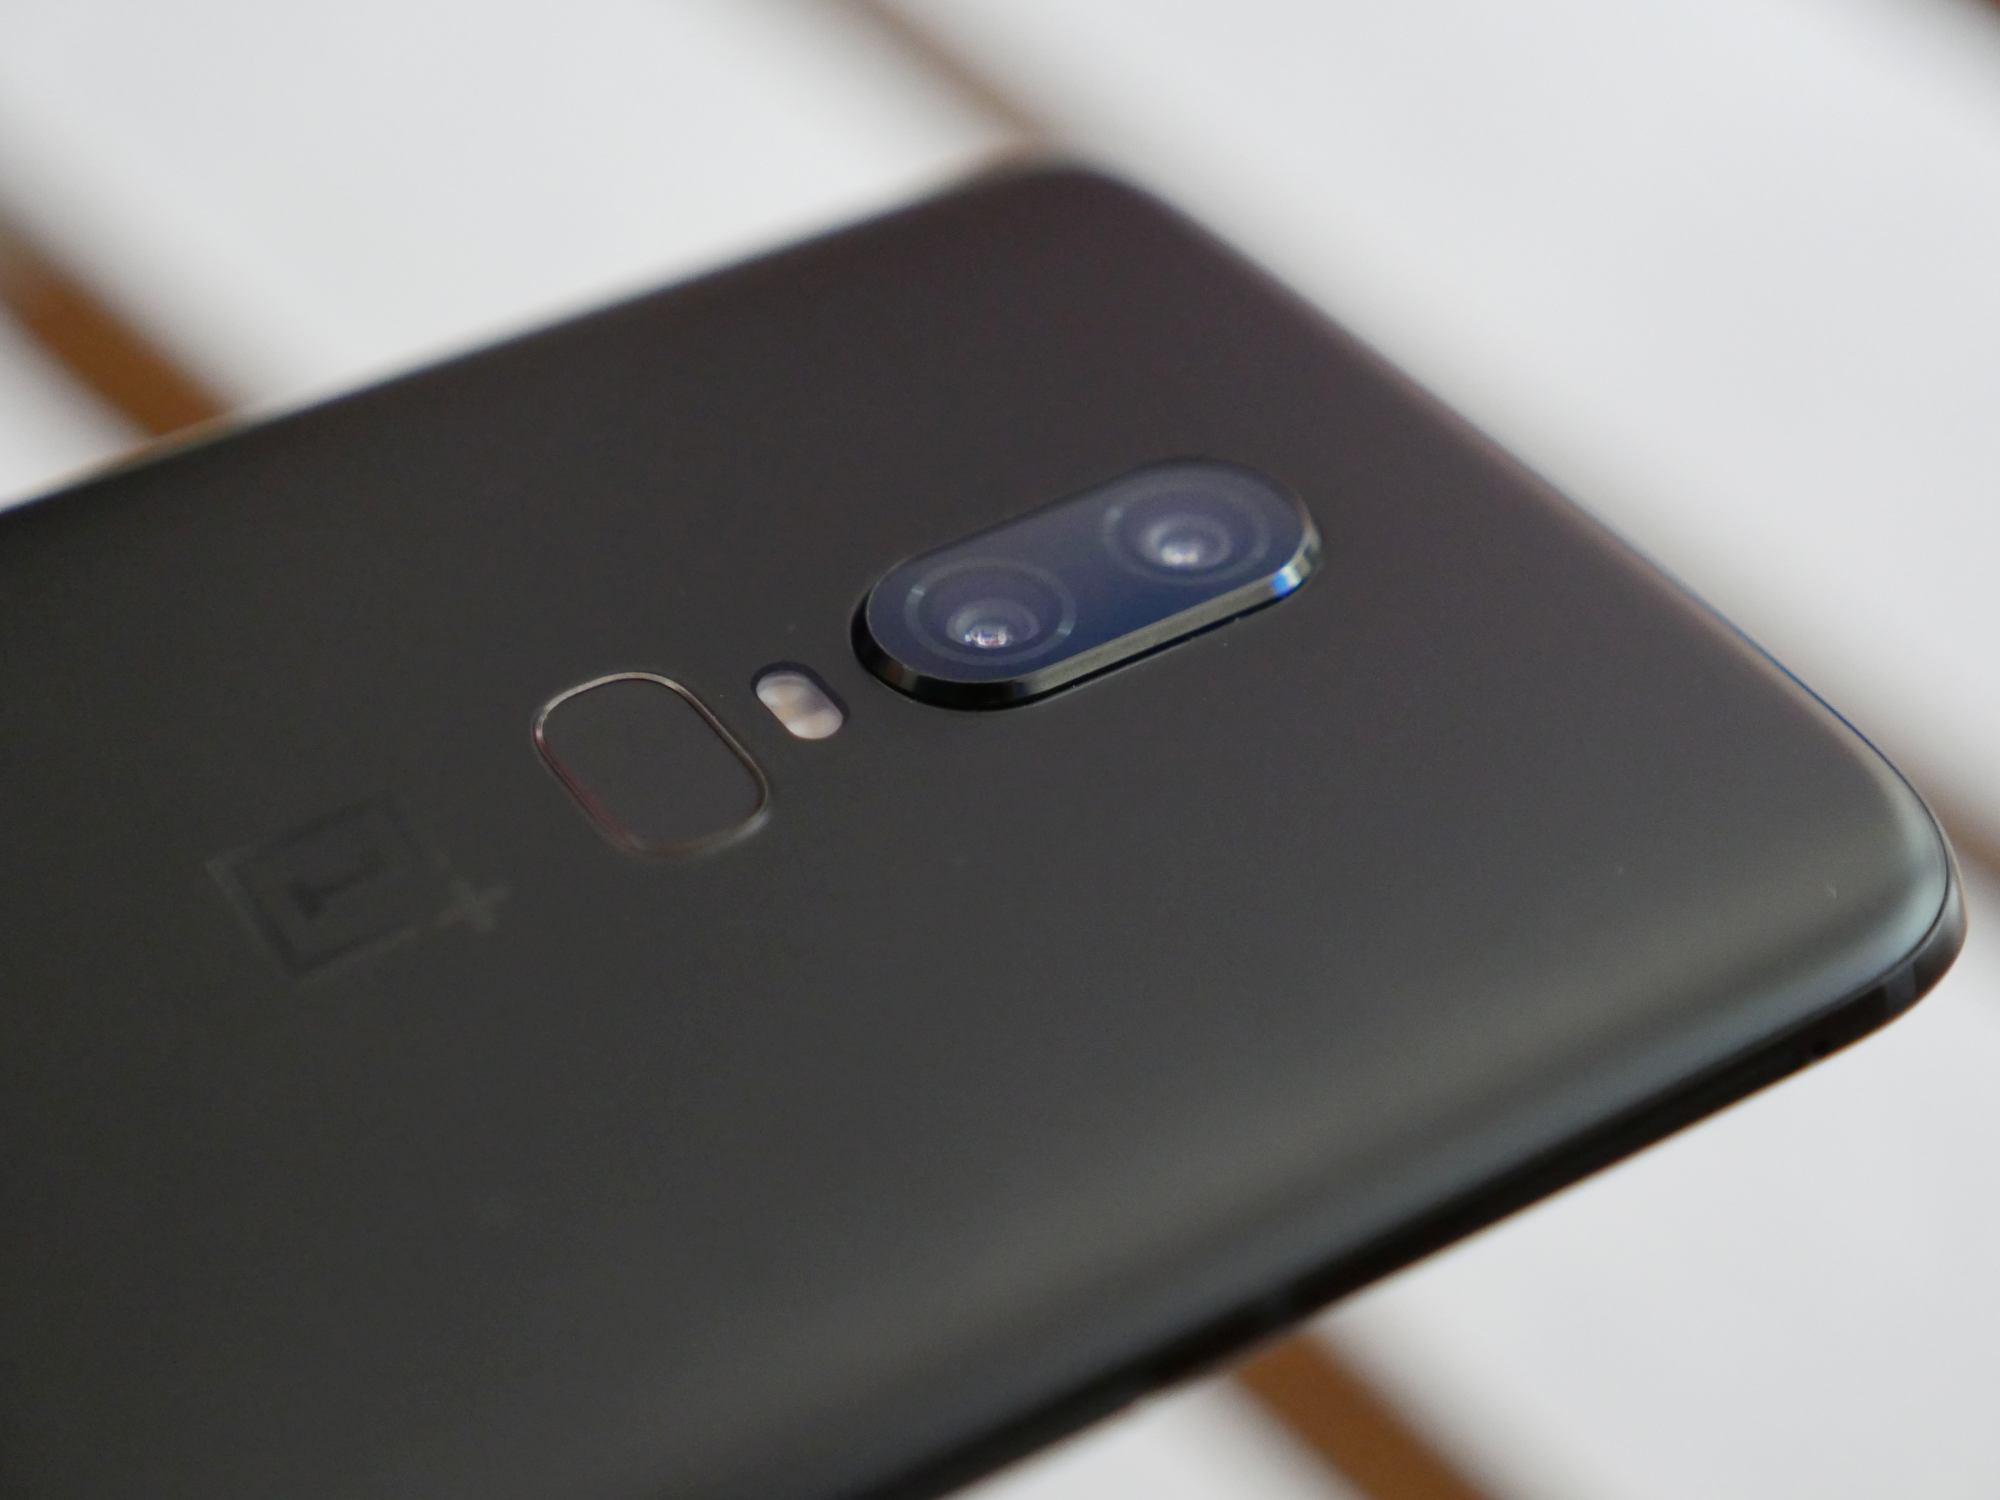 Tabletowo.pl Jaki smartfon do 2000 złotych kupić? (listopad 2018) Co kupić Nasz wybór Smartfony Zestawienia